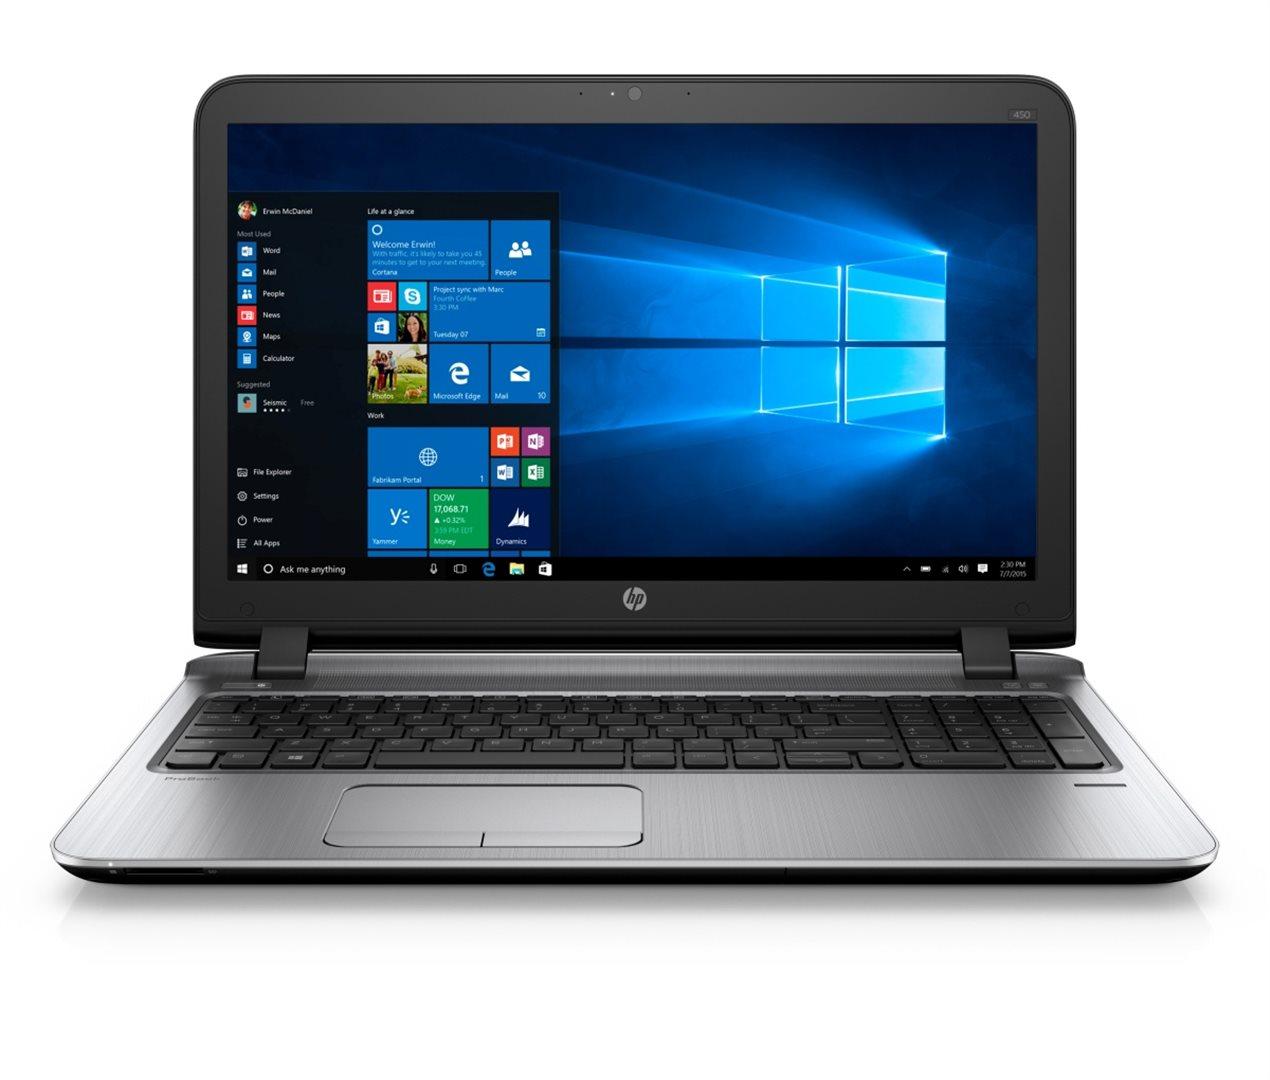 HP ProBook 450 G3 15.6 HD / i3-6100U / 4GB / 500GB / DVD / VGA / HDMI / RJ45 / WIFI / BT / MCR / FPR / 1Rservis / 7+10P